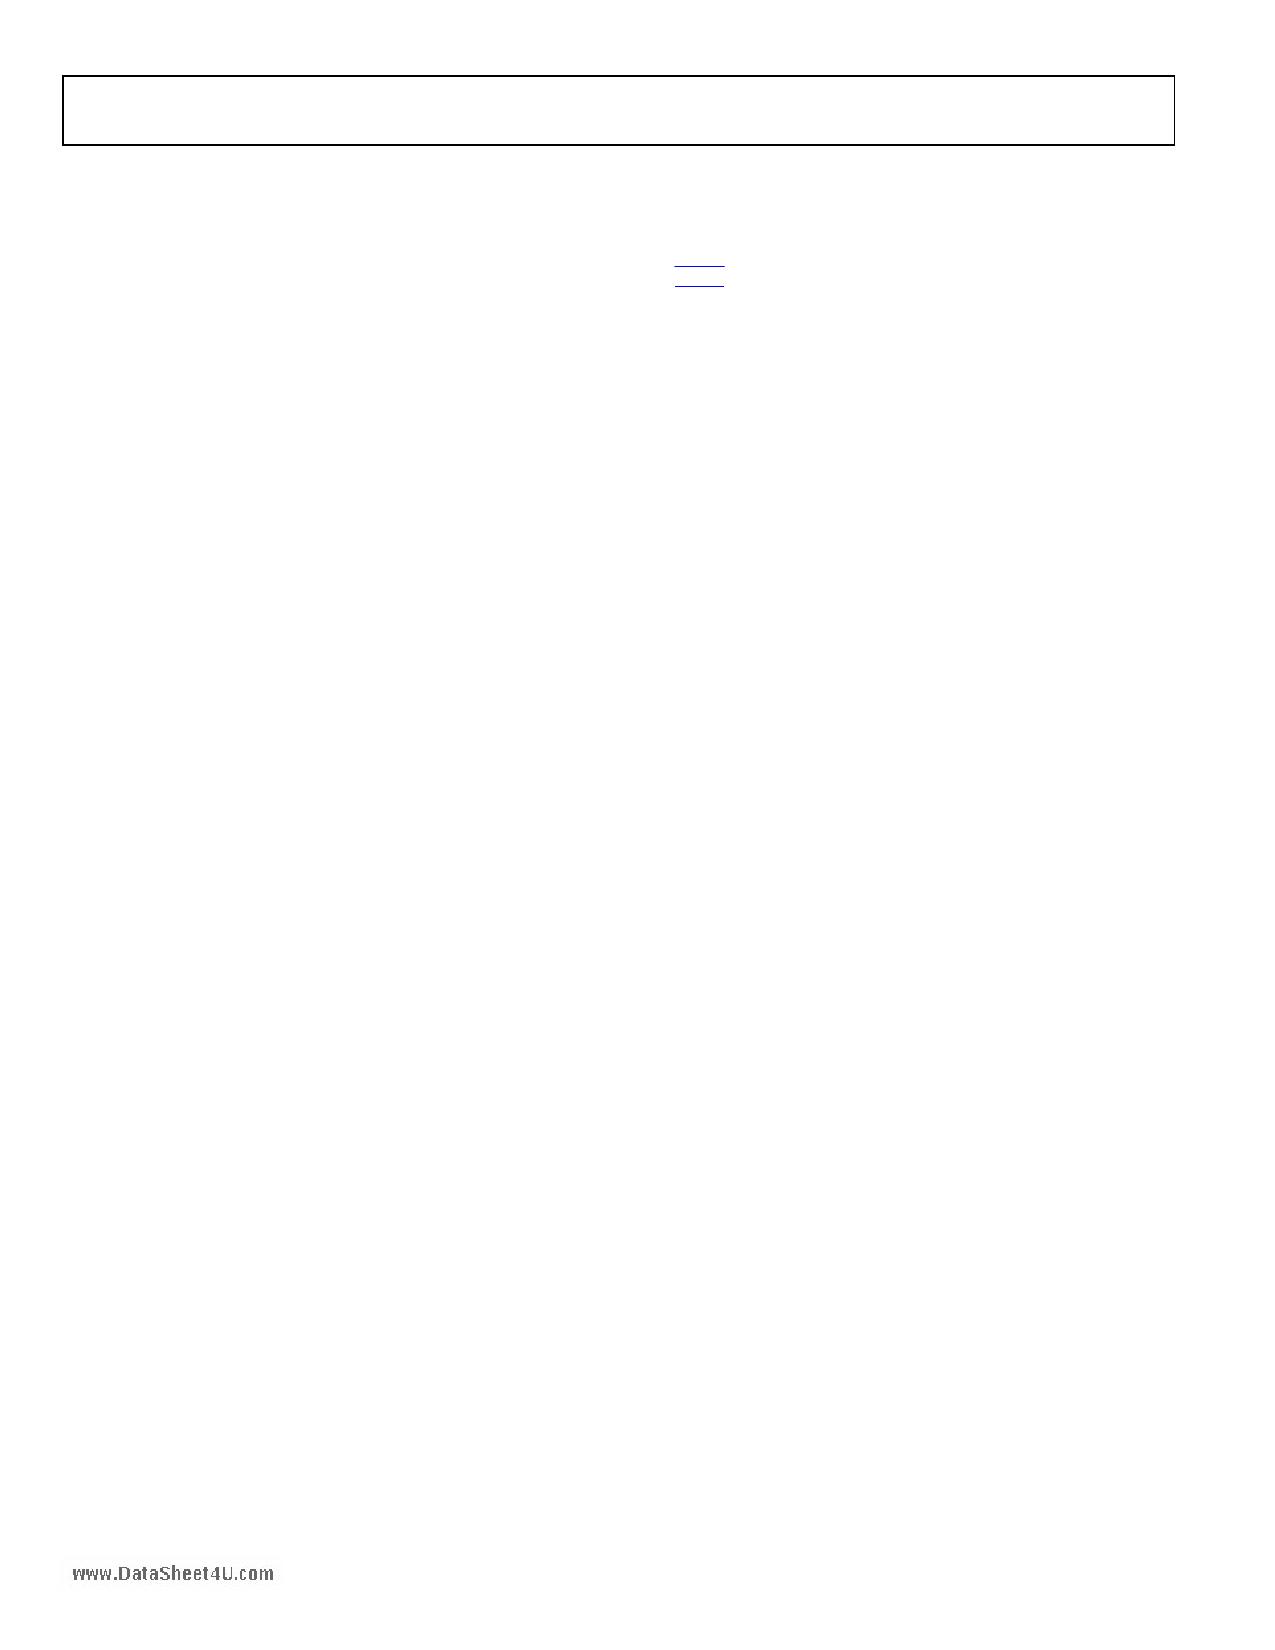 AD5662 Даташит, Описание, Даташиты